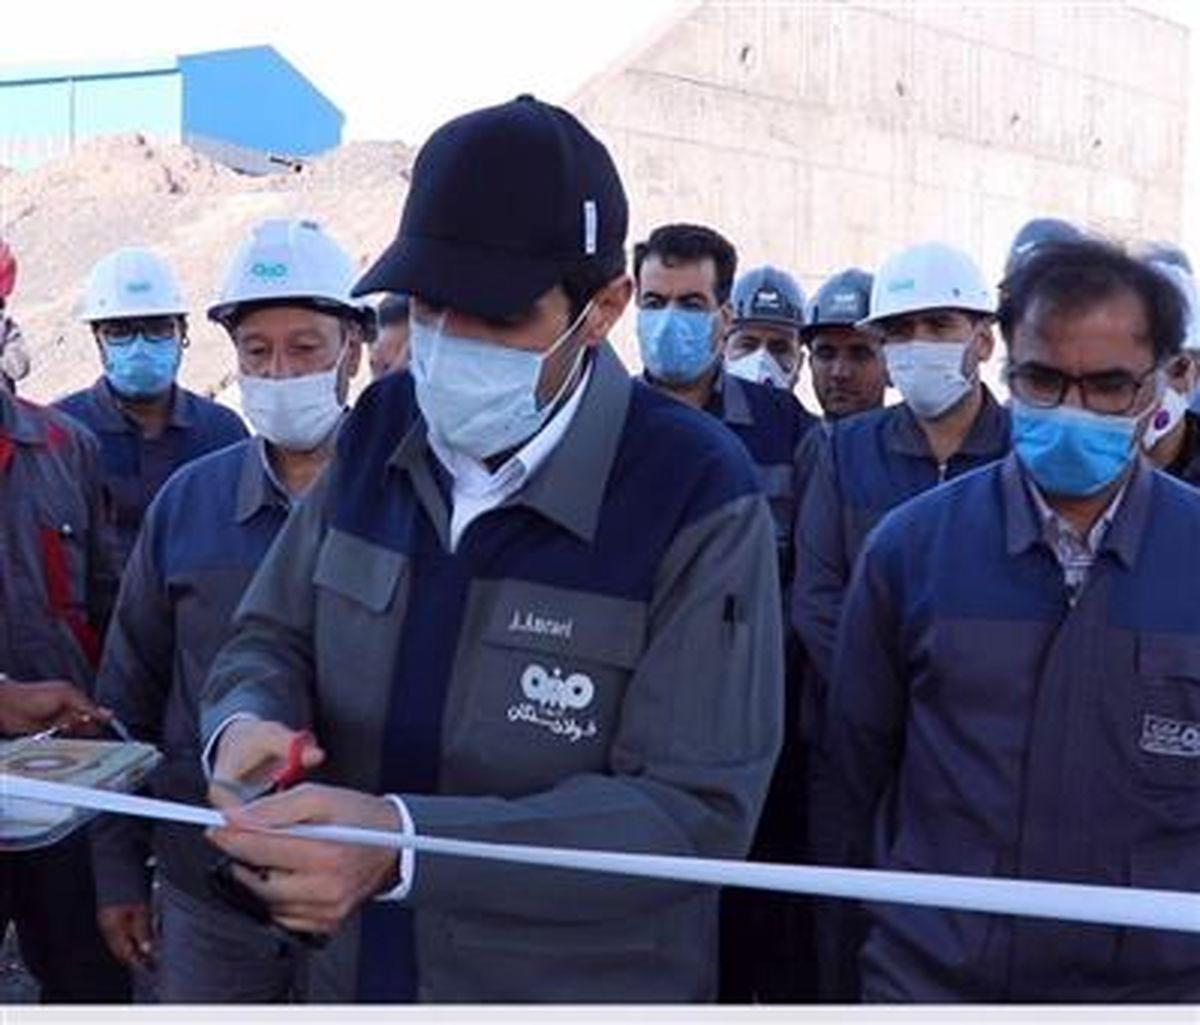 پروژه انتقال شارژ کامیونی کنسانتره در فولاد سنگان به بهرهبرداری رسید